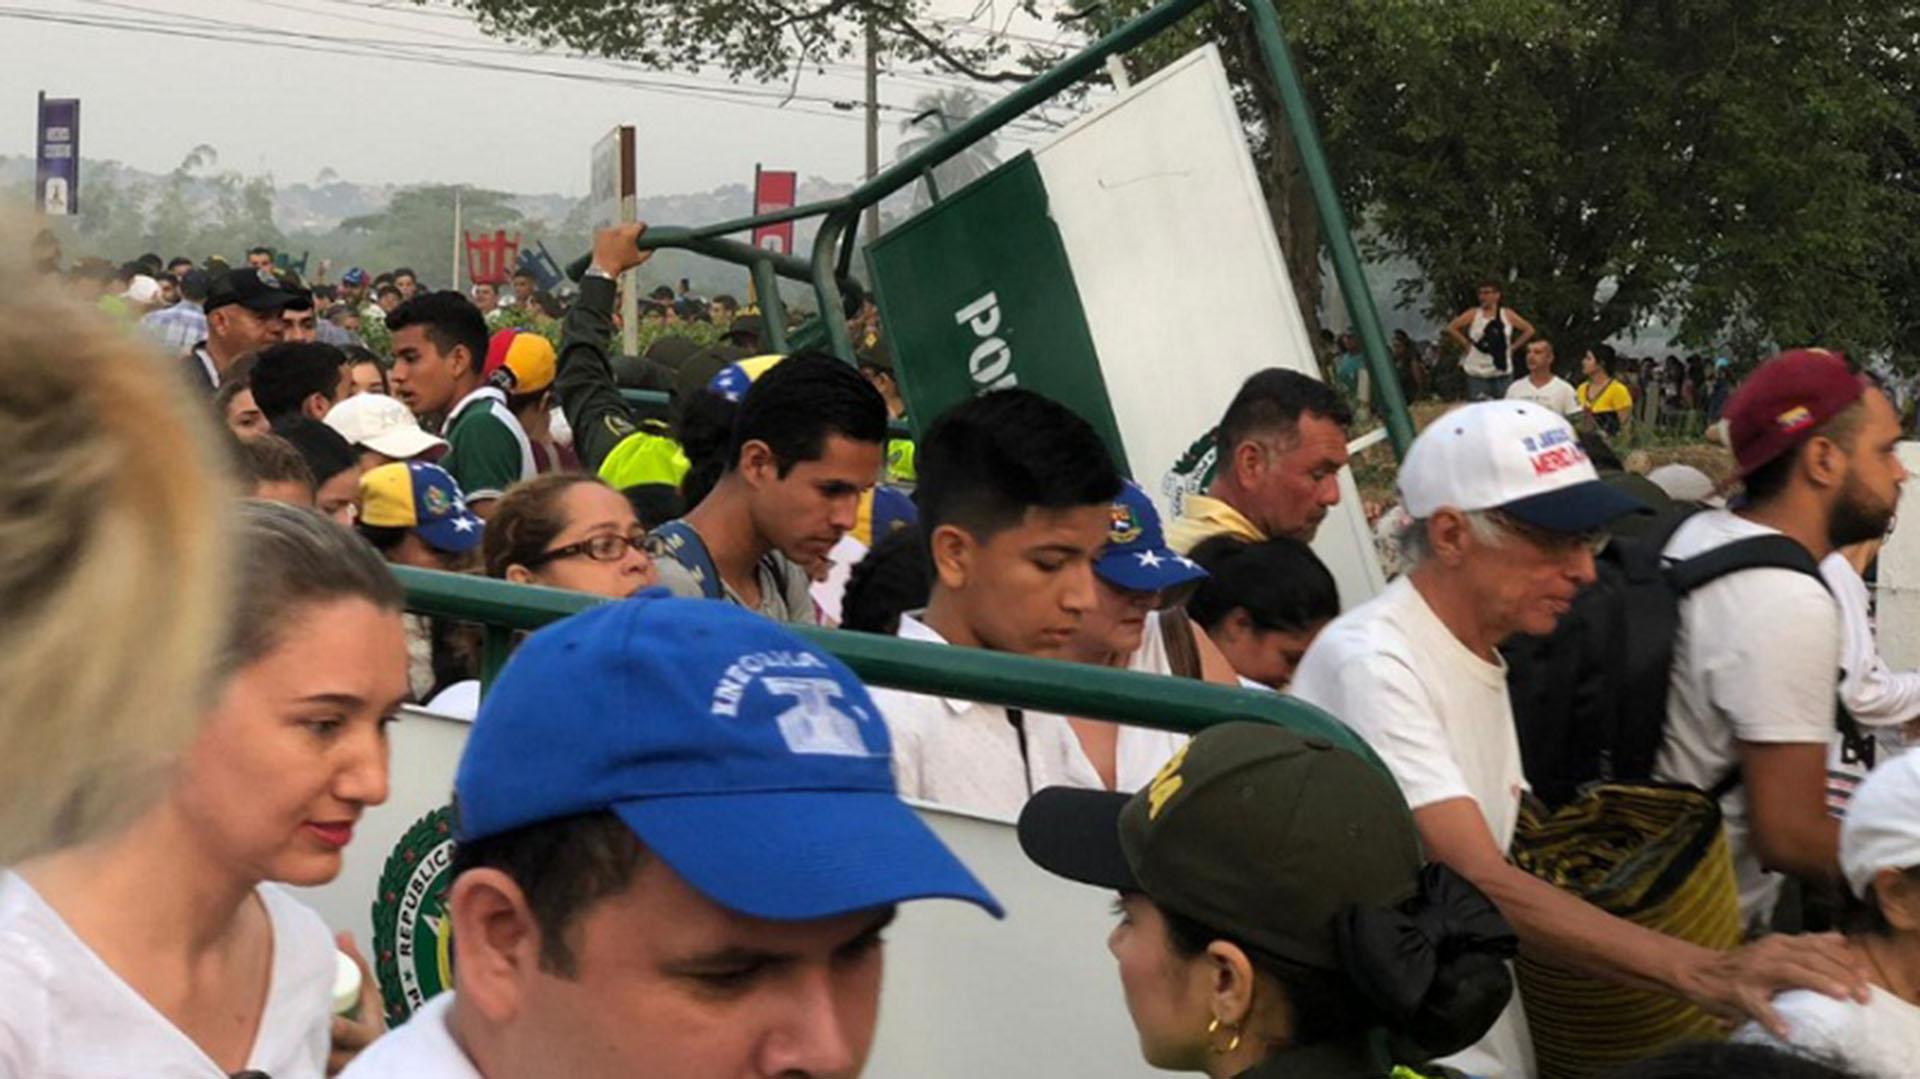 El momento en que se abrieron las puertas de la zona de acceso al festival (Twitter: @NoticiasRCN)